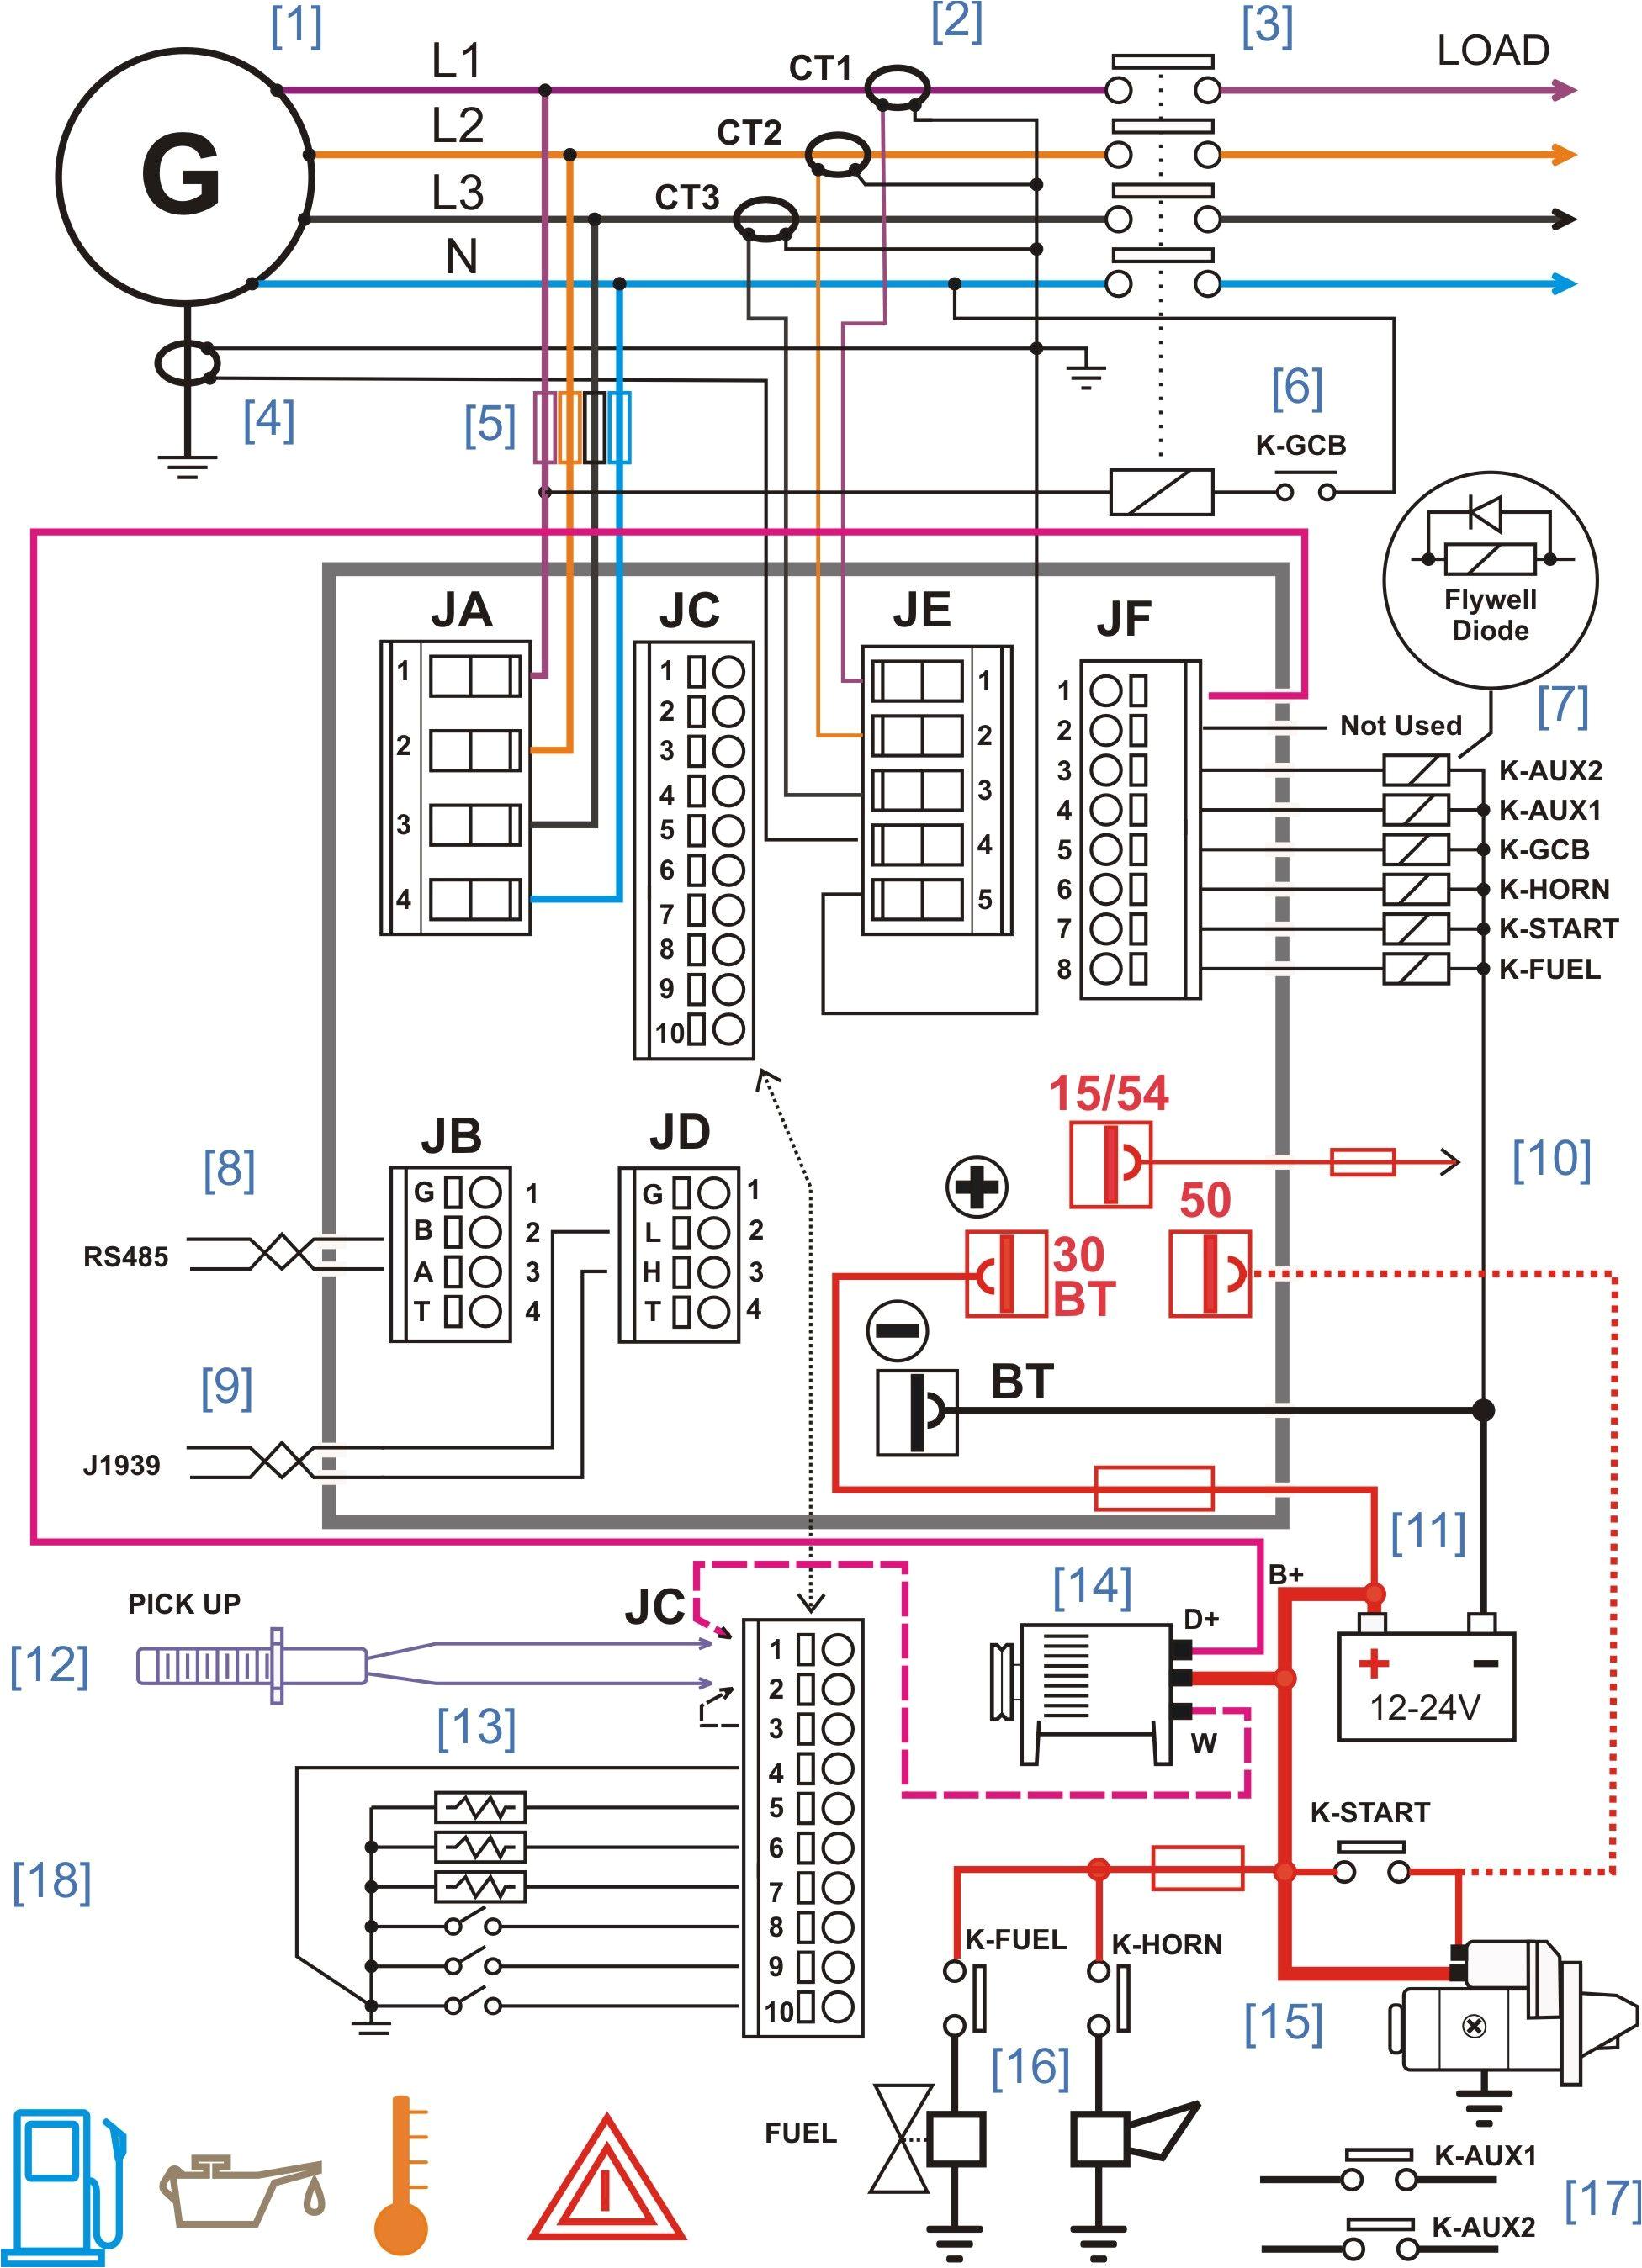 panel wiring diagram pdf wiring diagram expert control panel wiring diagram pdf panel wiring diagram pdf